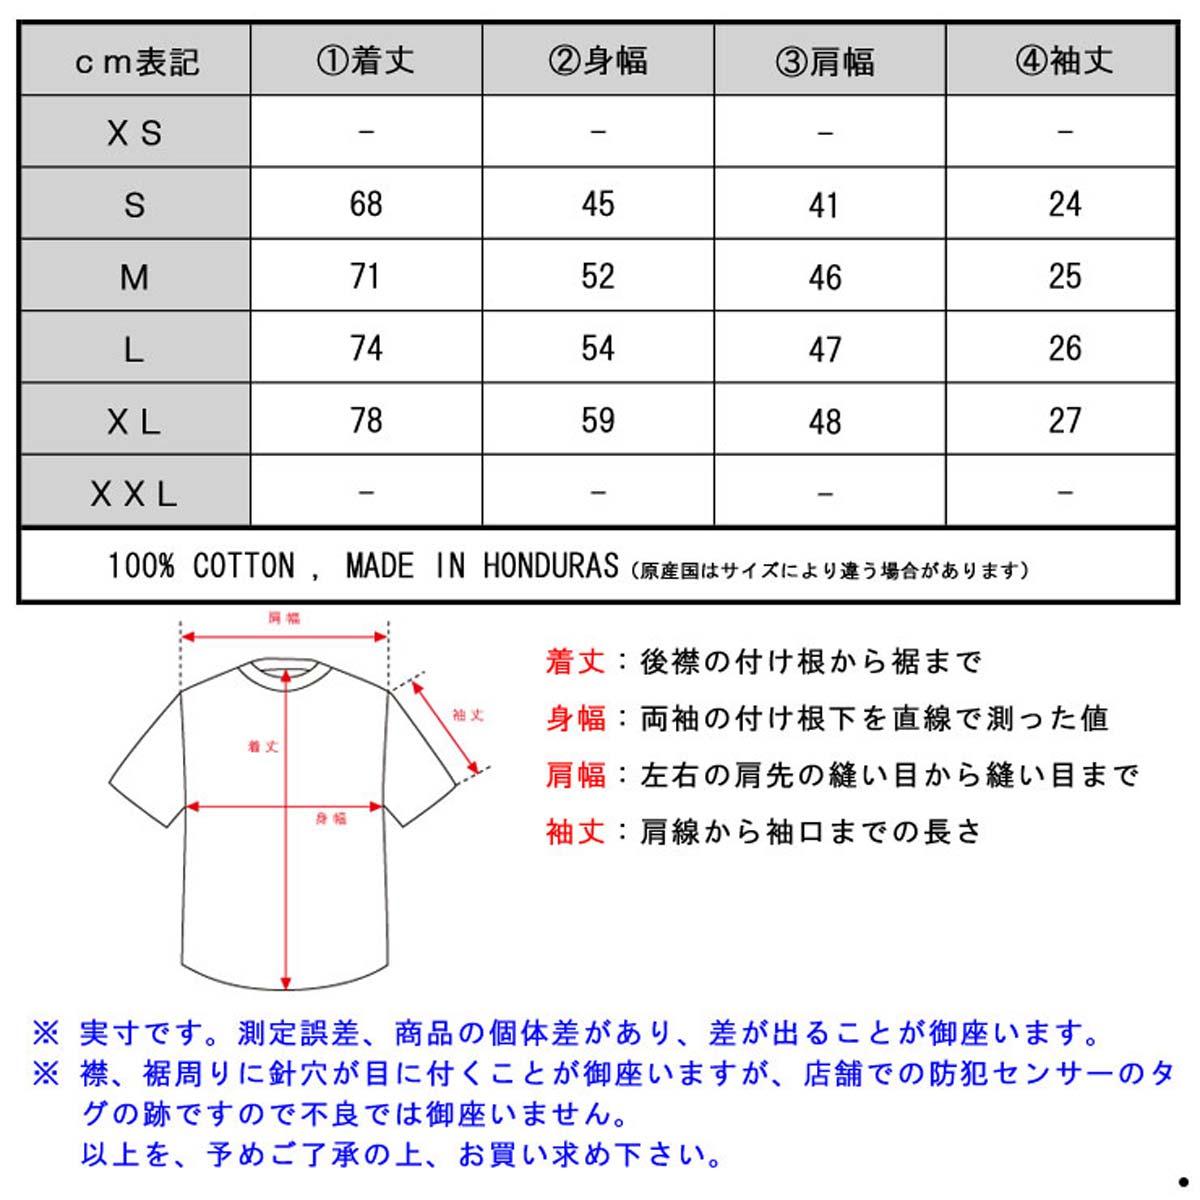 チャンピオン CHAMPION 正規品 メンズ 半袖Tシャツ CREW TEE T1919 Heritage Tee 003-BLACK